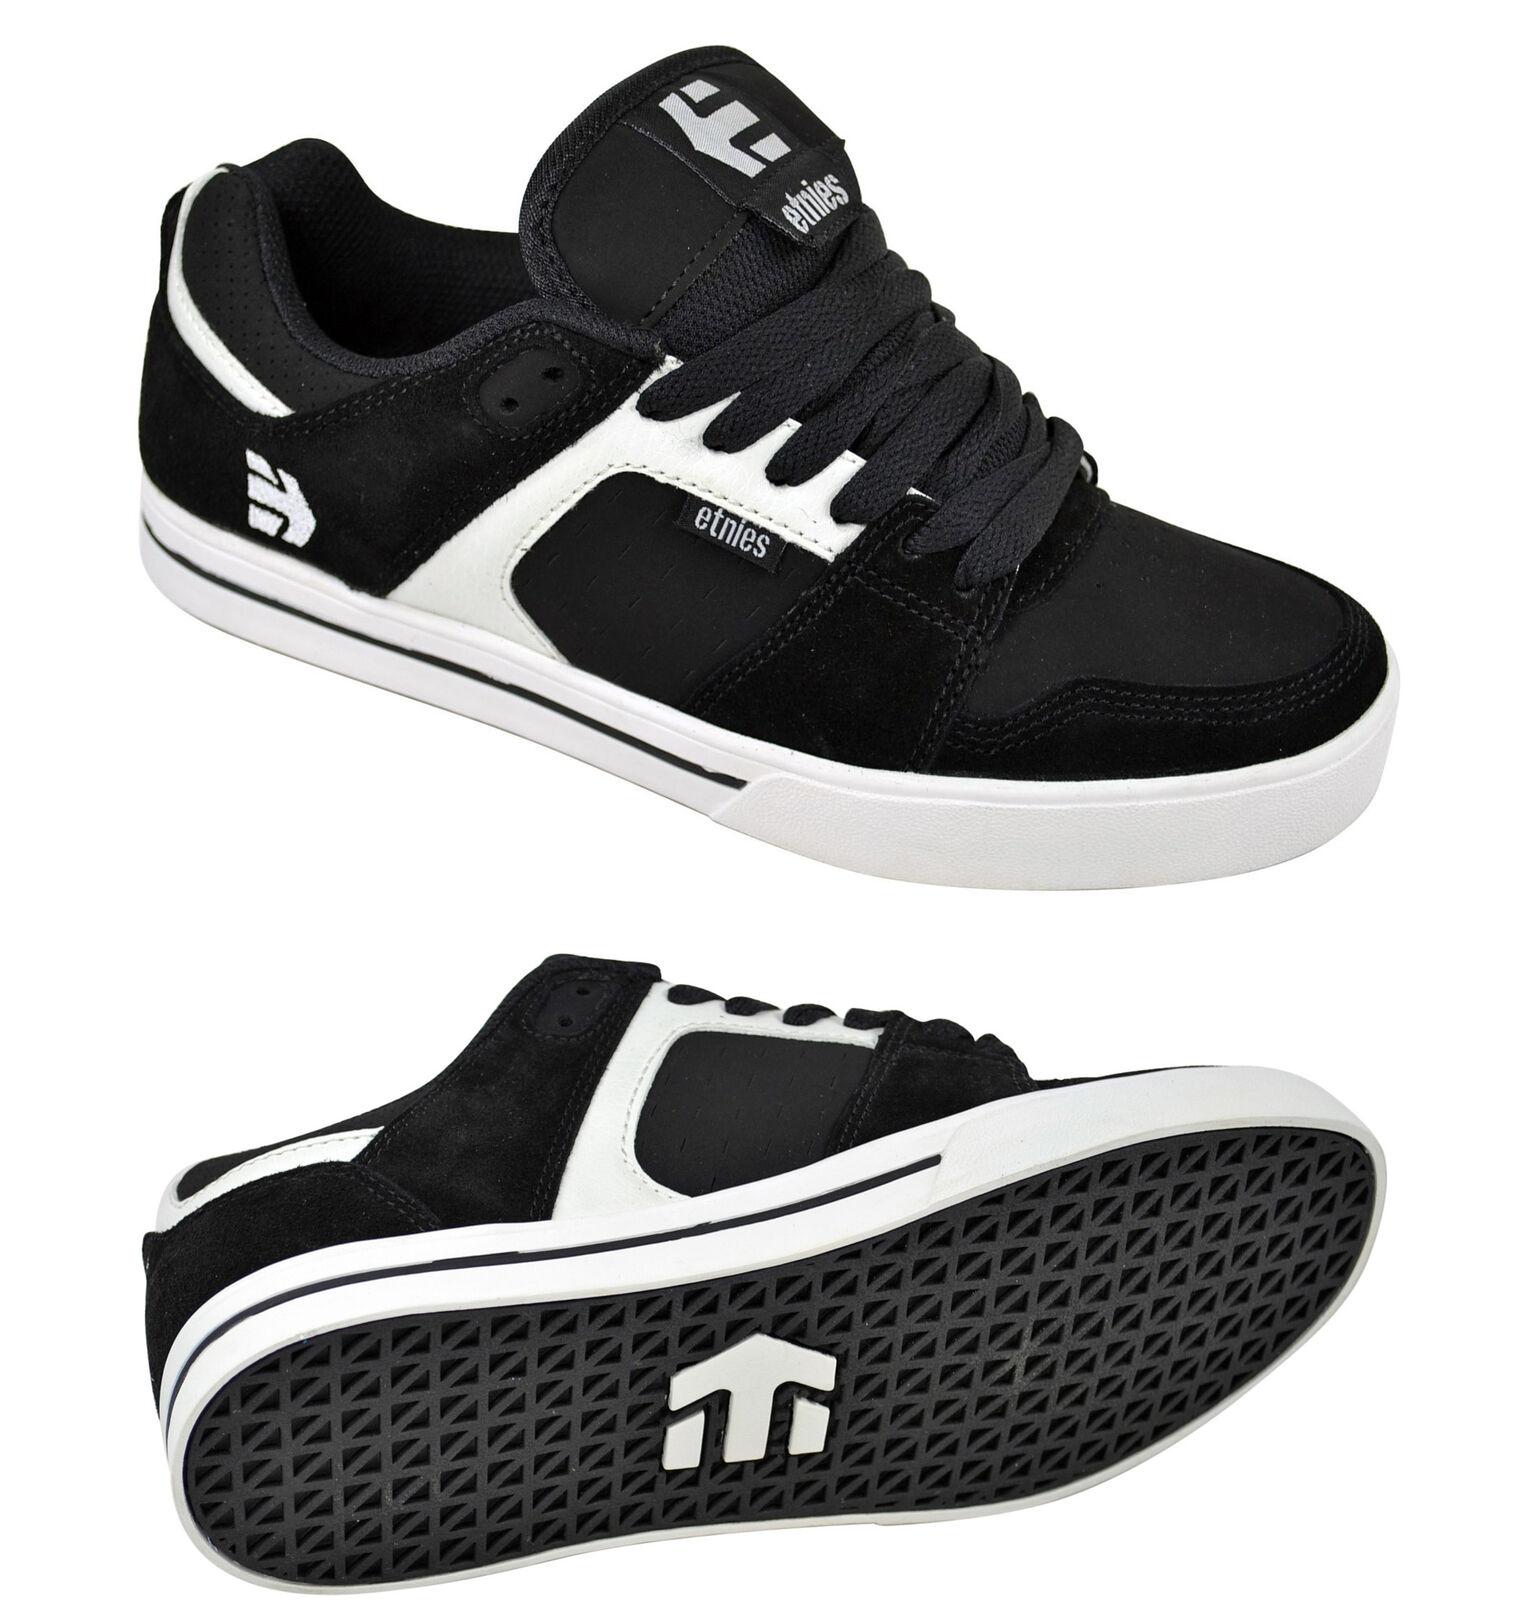 Etnies black/white Rockfield black/white Etnies Skater Schuhe/Sneaker schwarz/weiß Größenauswahl! 49183f